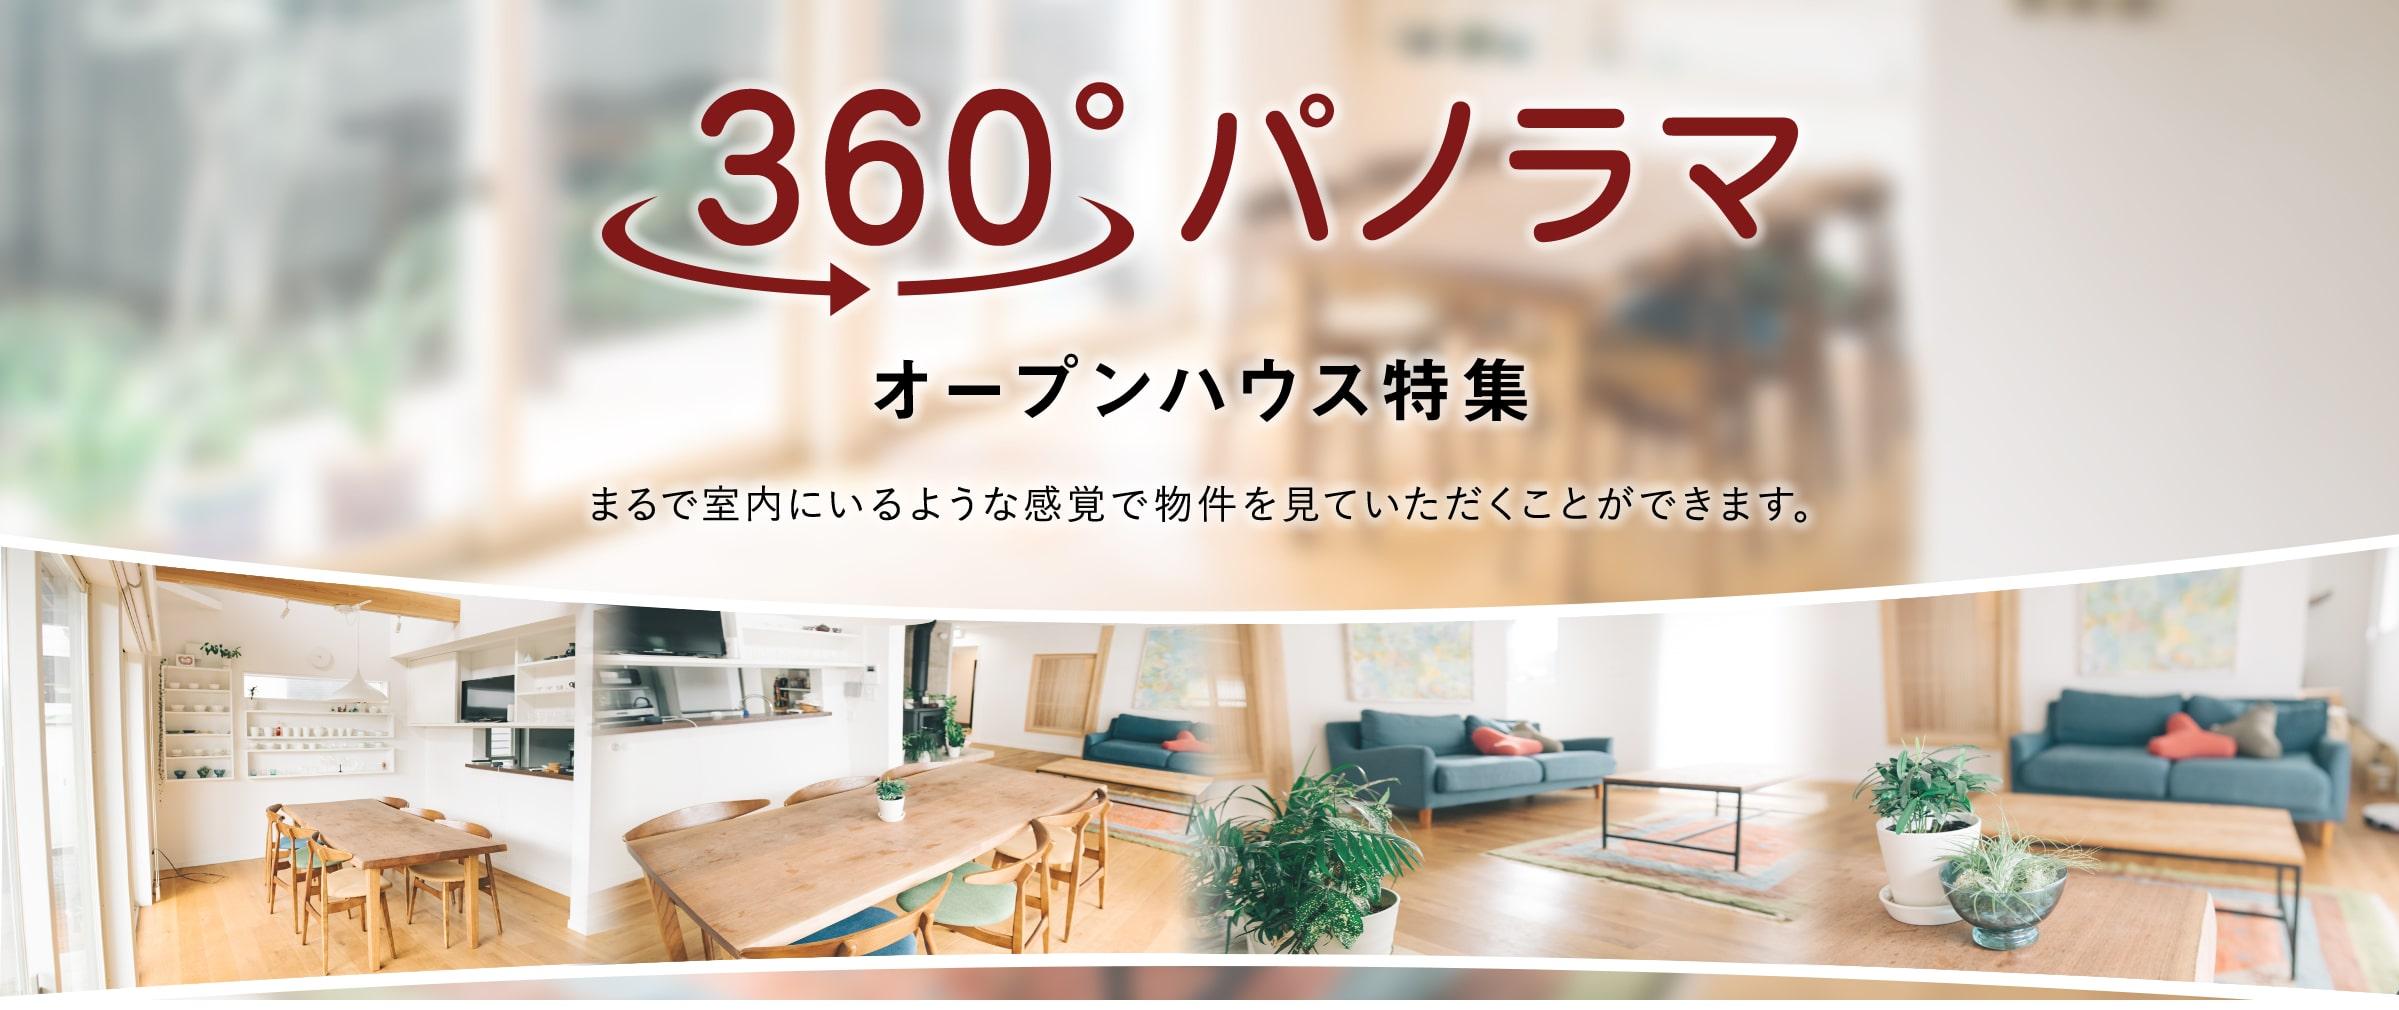 360°パノラマ オープンハウス特集